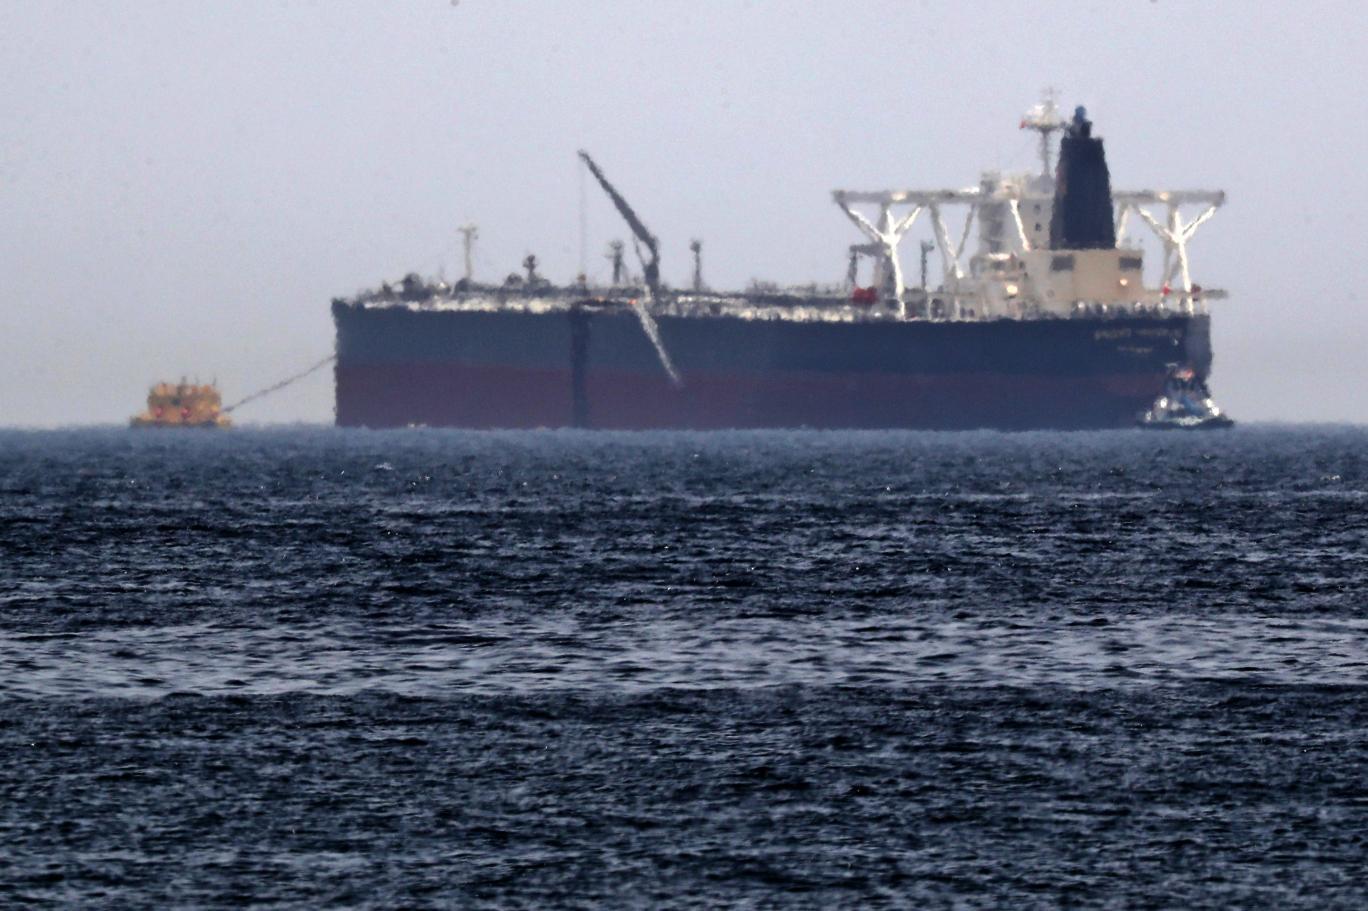 ناقلة النفط عملاقة في عرض البحر